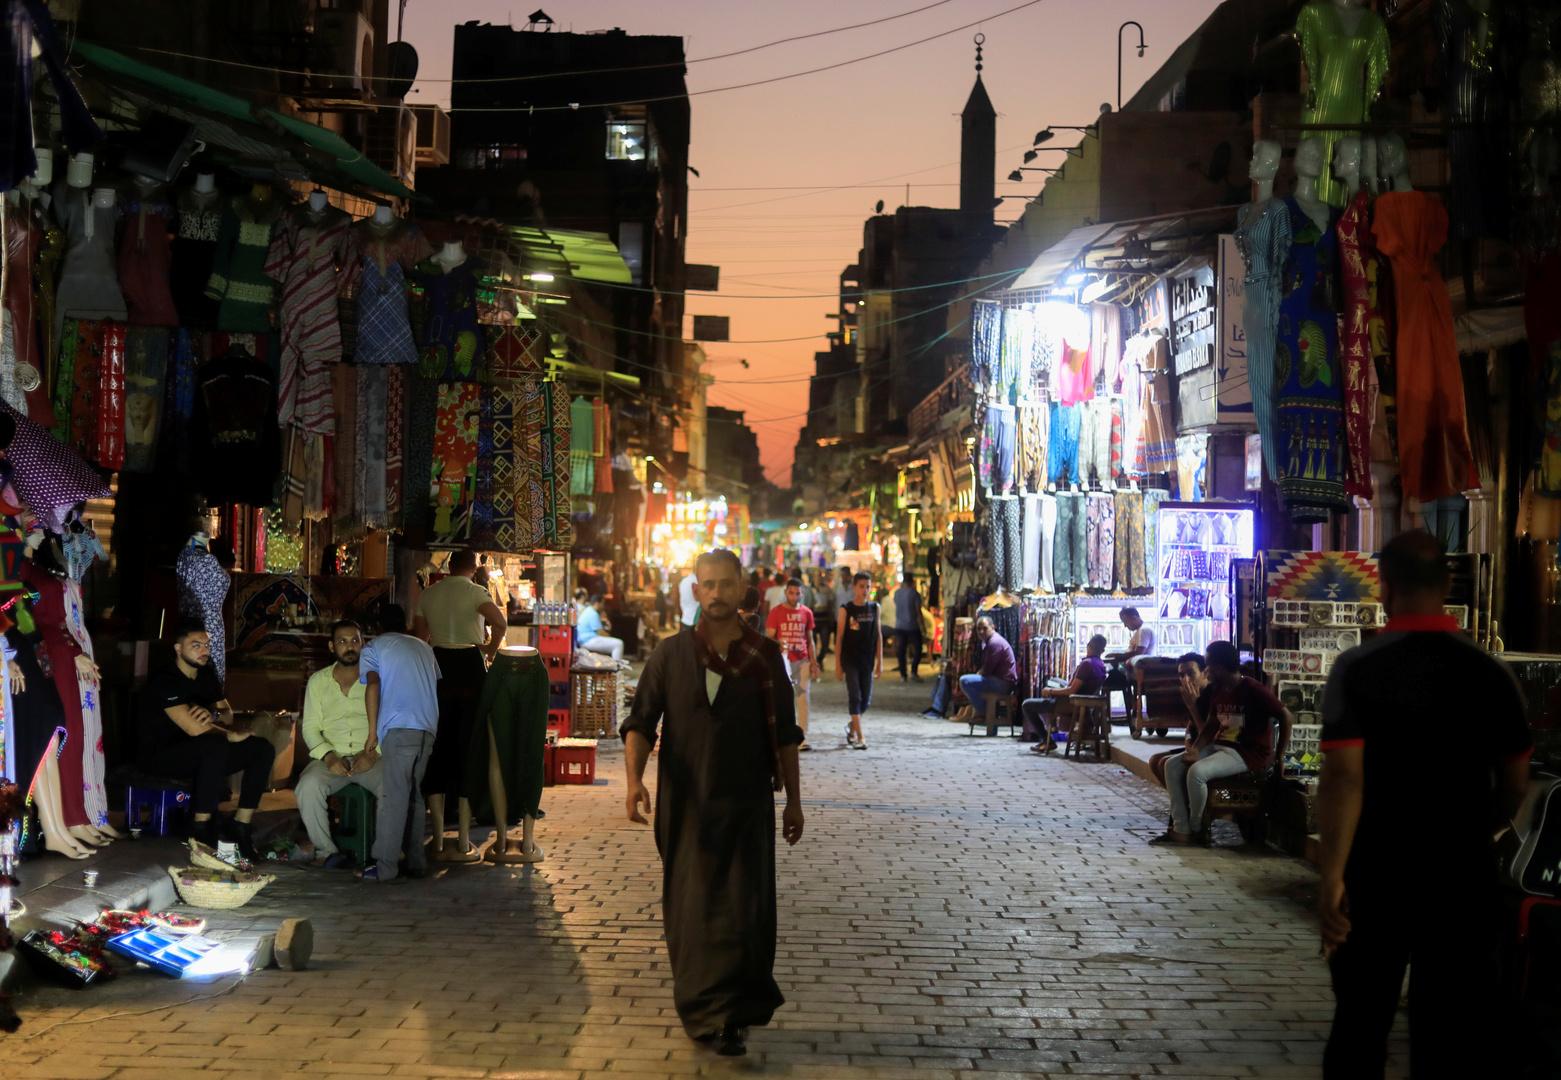 مصر تسجل تراجعا كبيرا في إصابات كورونا